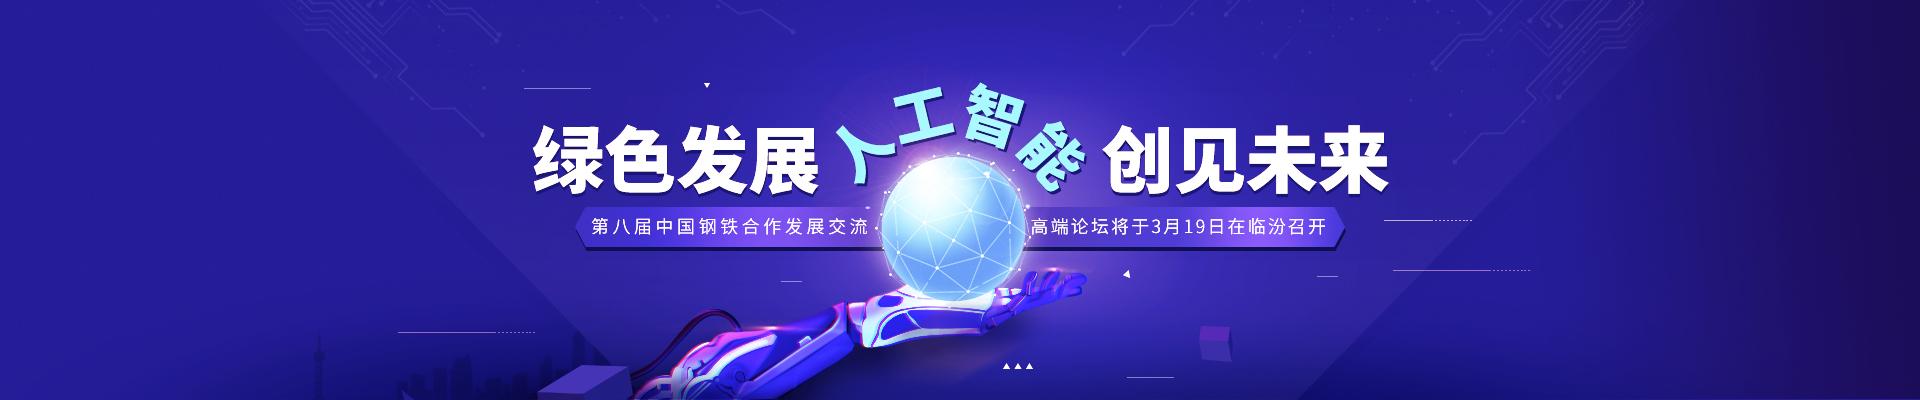 第八屆中國鋼鐵合作發展交流高端論壇